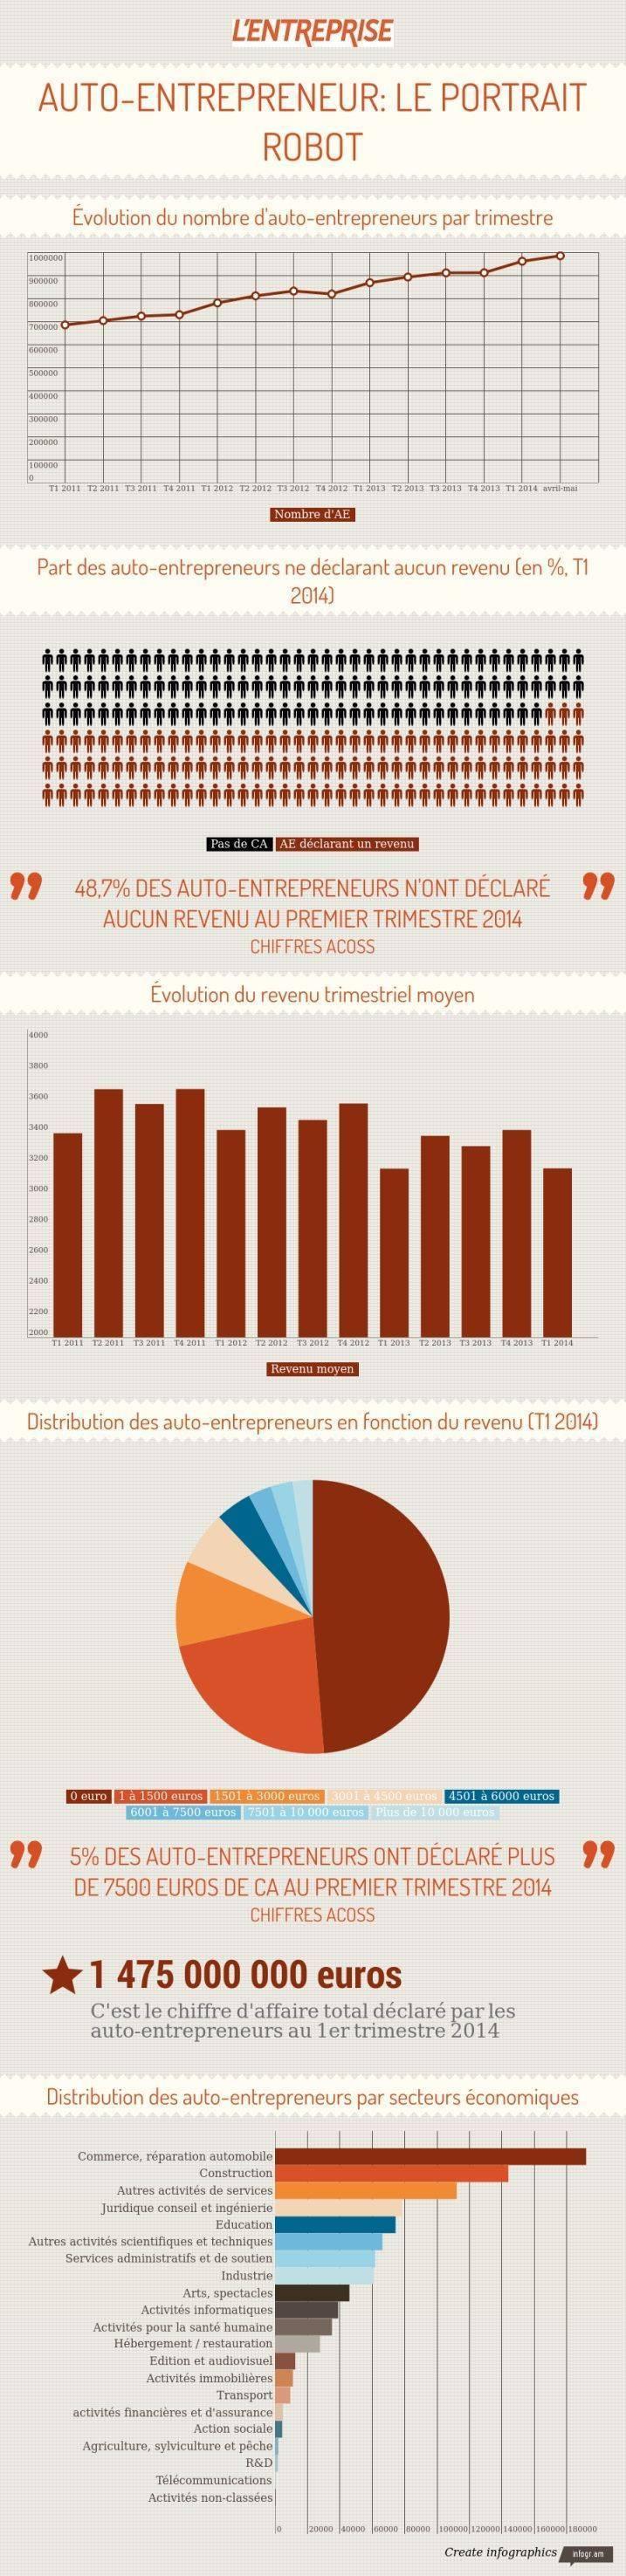 statistiques autoentrepreneur en 2014